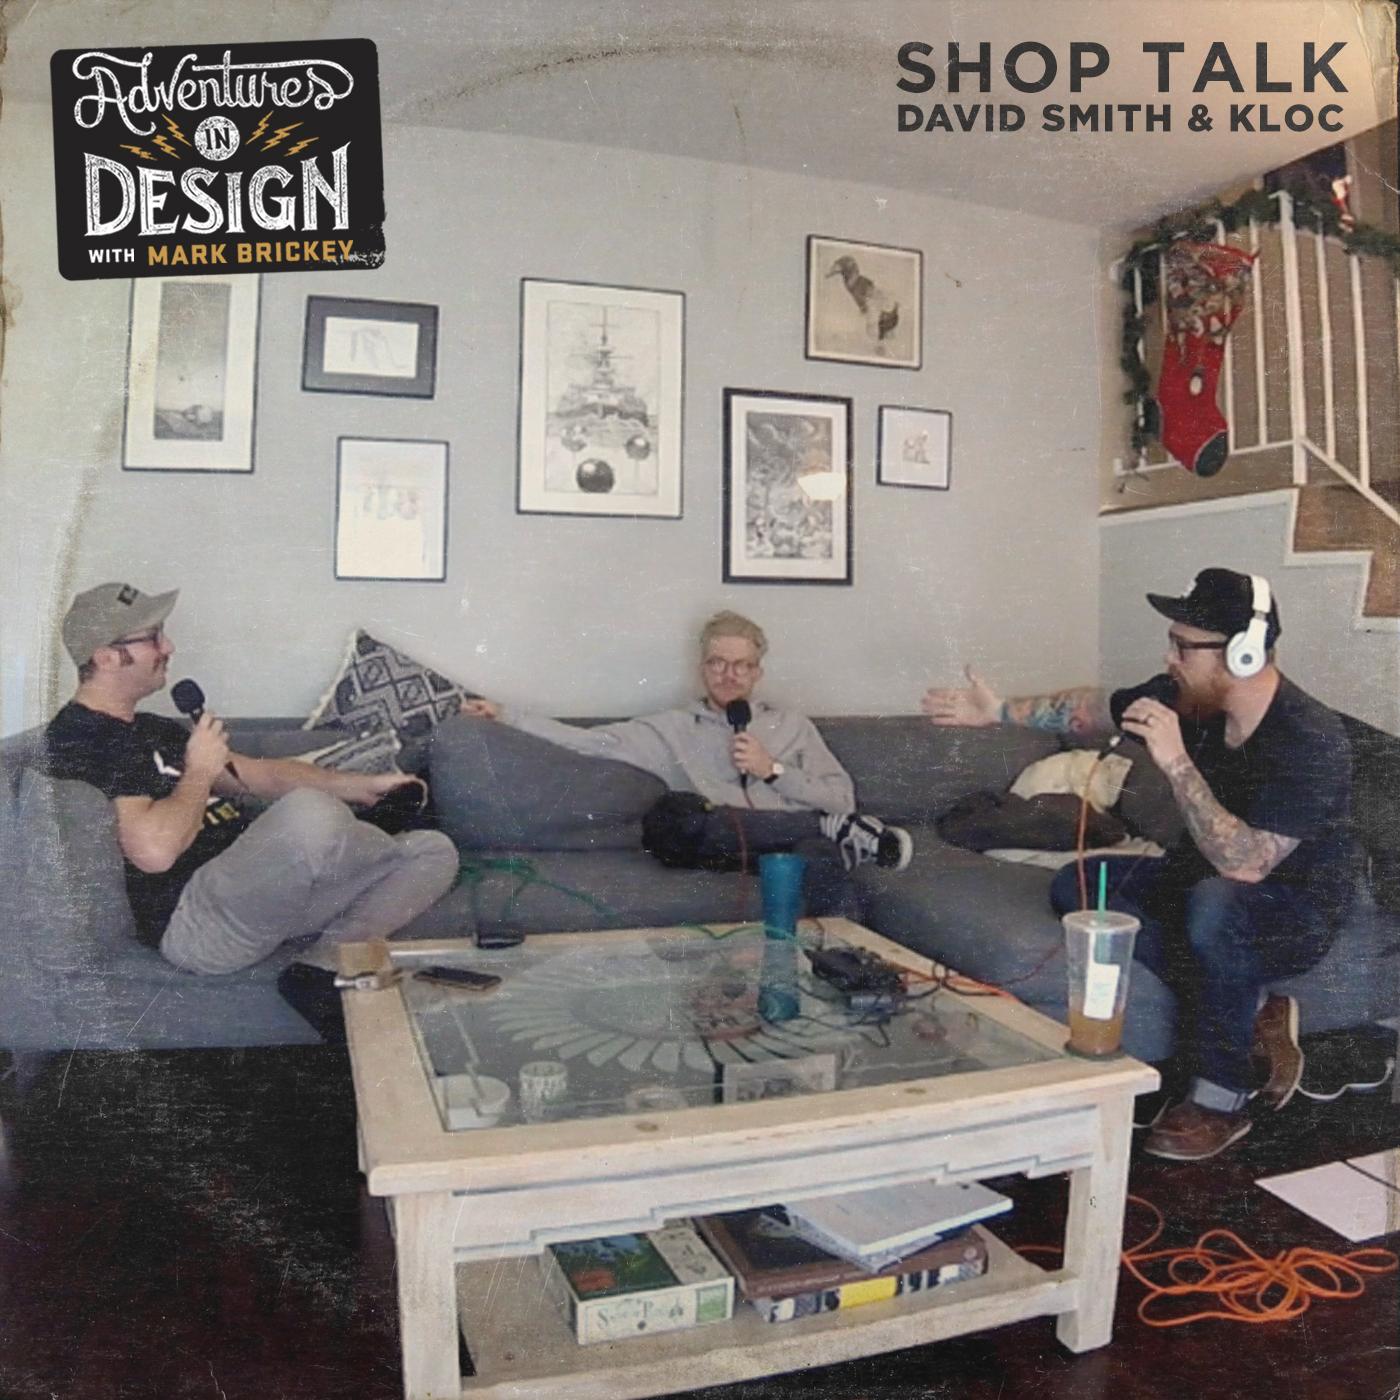 513 - Shop Talk with David Smith & Kloc